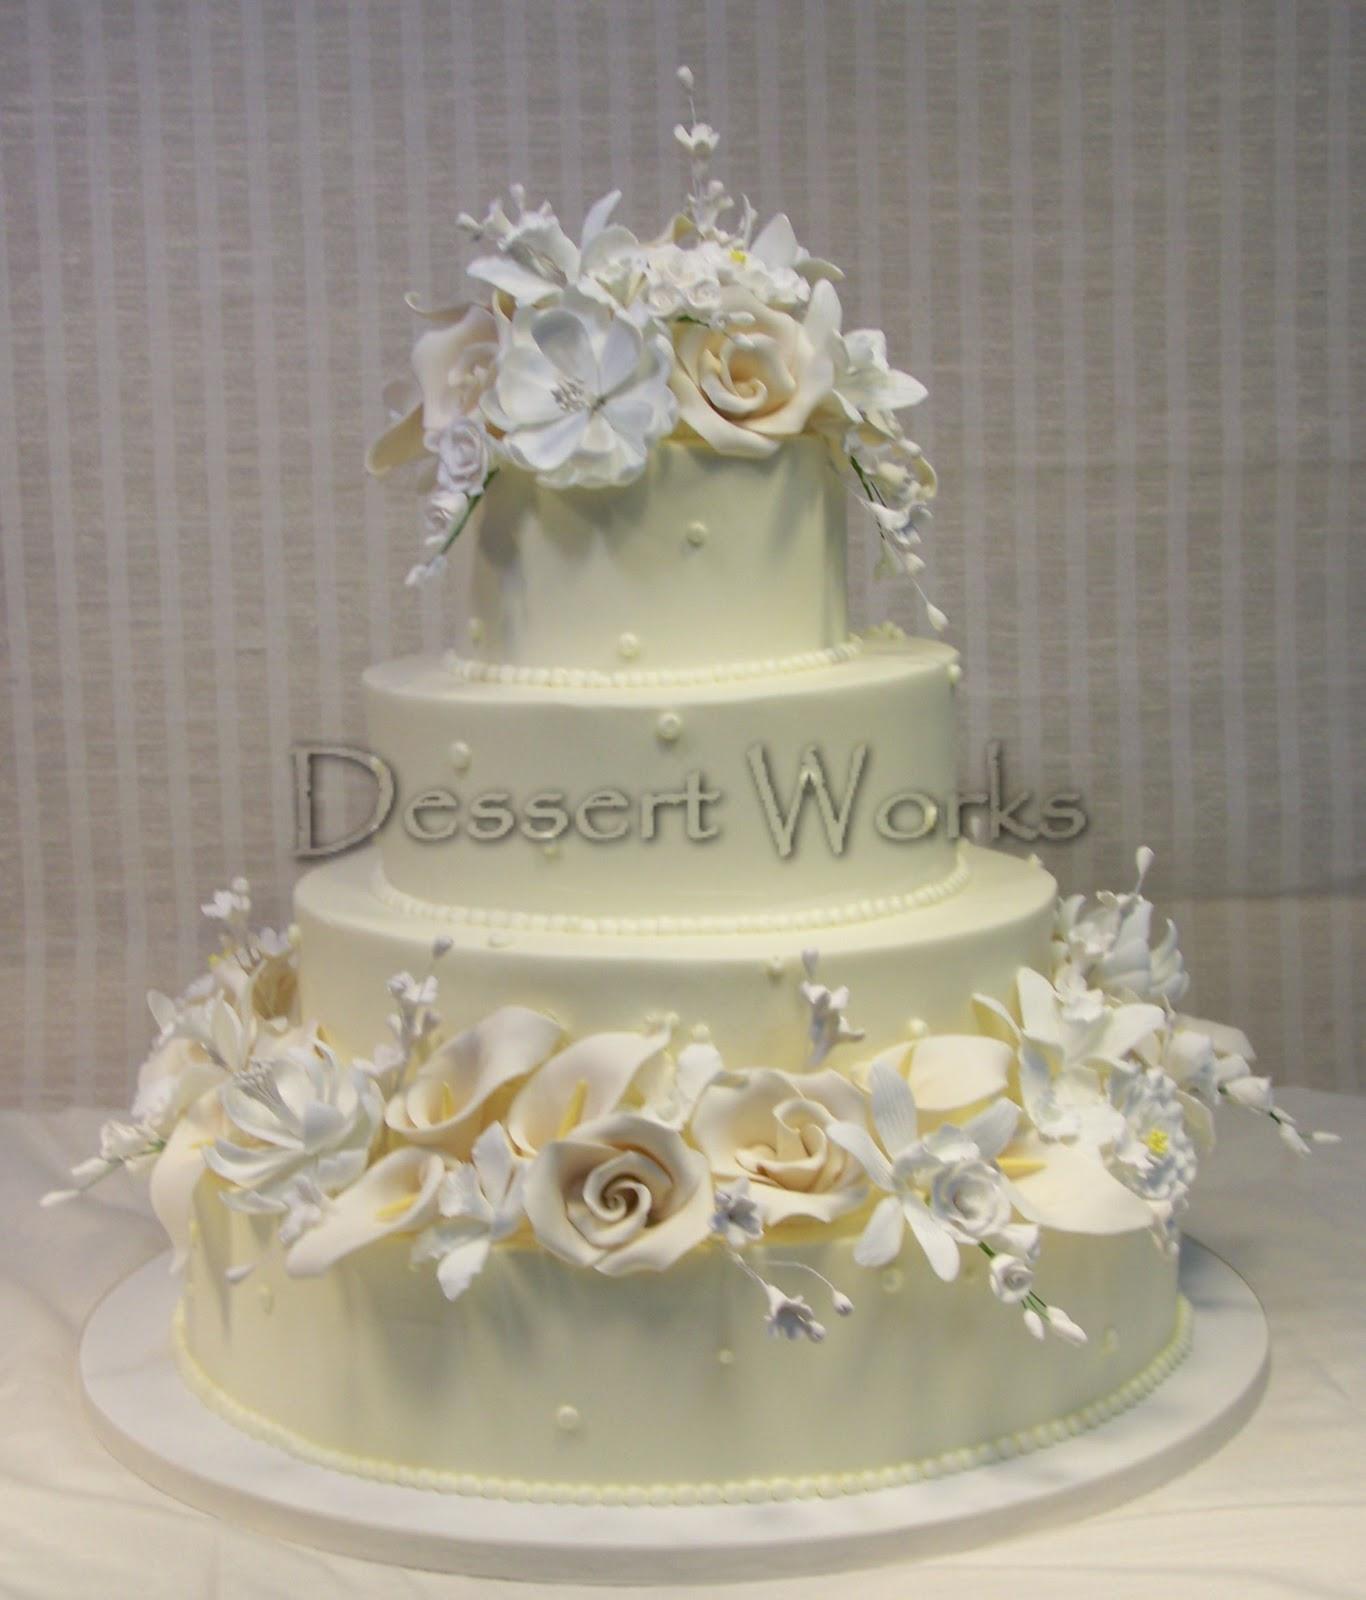 Dessert Works Bakery White & Ivory